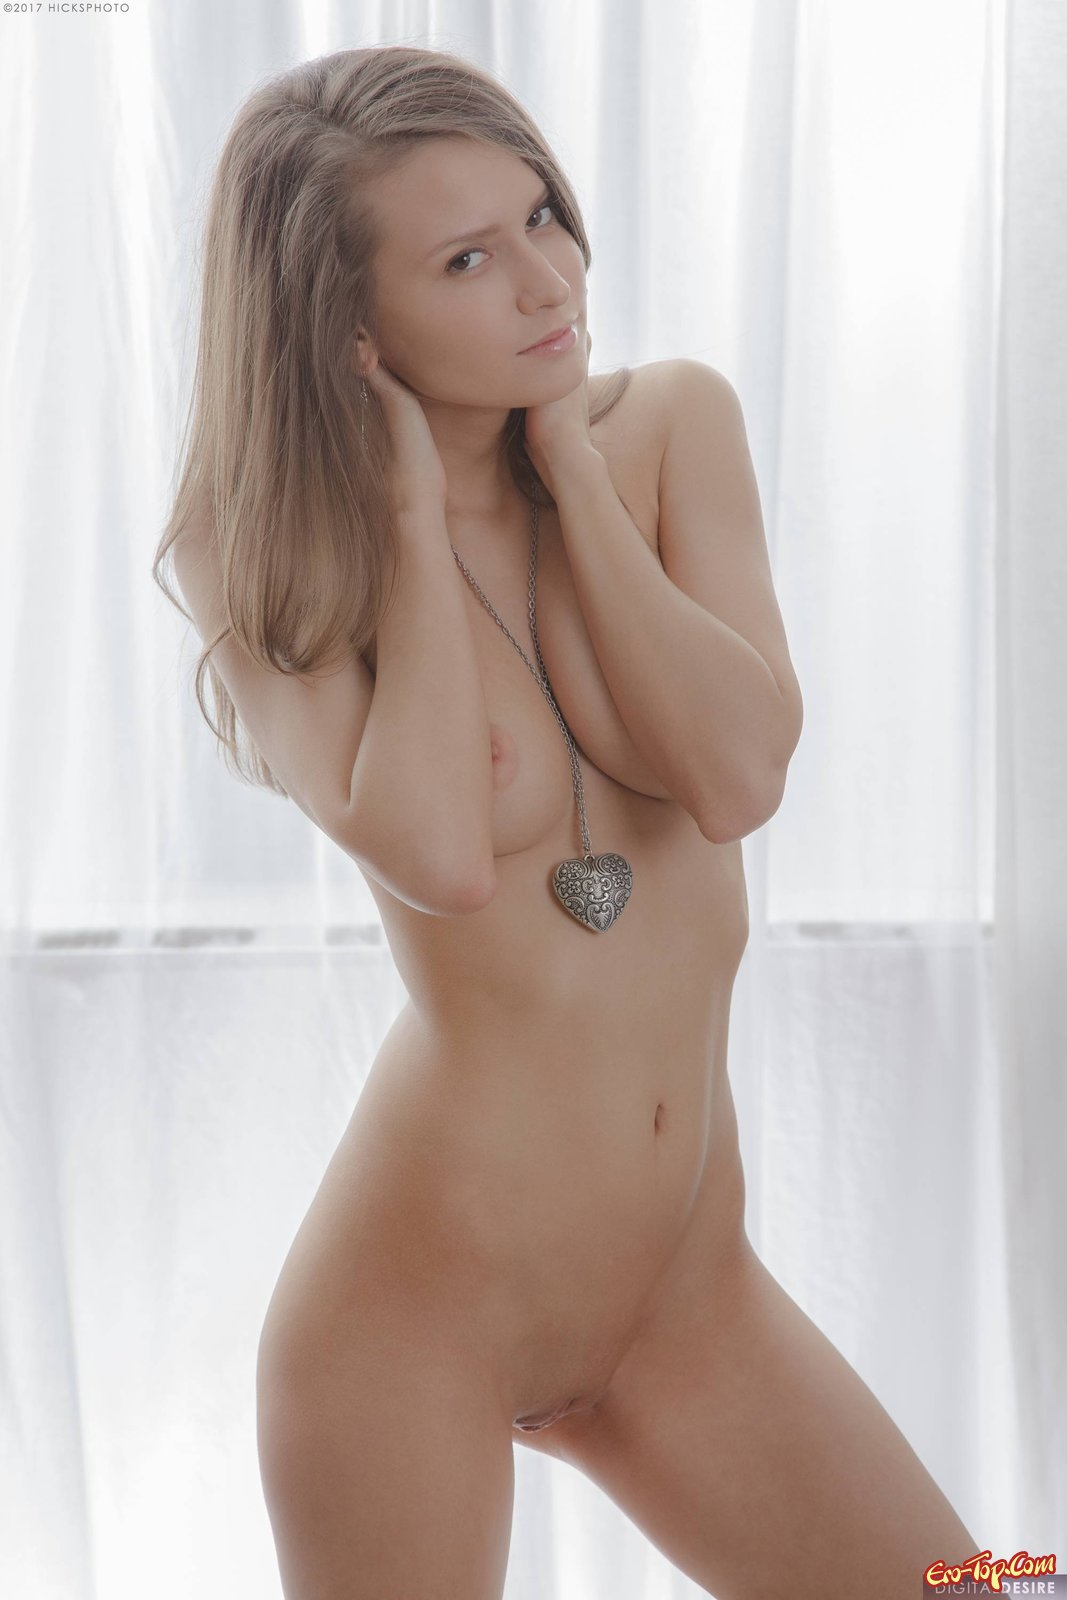 Худая девушка оголяет сиськи снимая нижнее белье